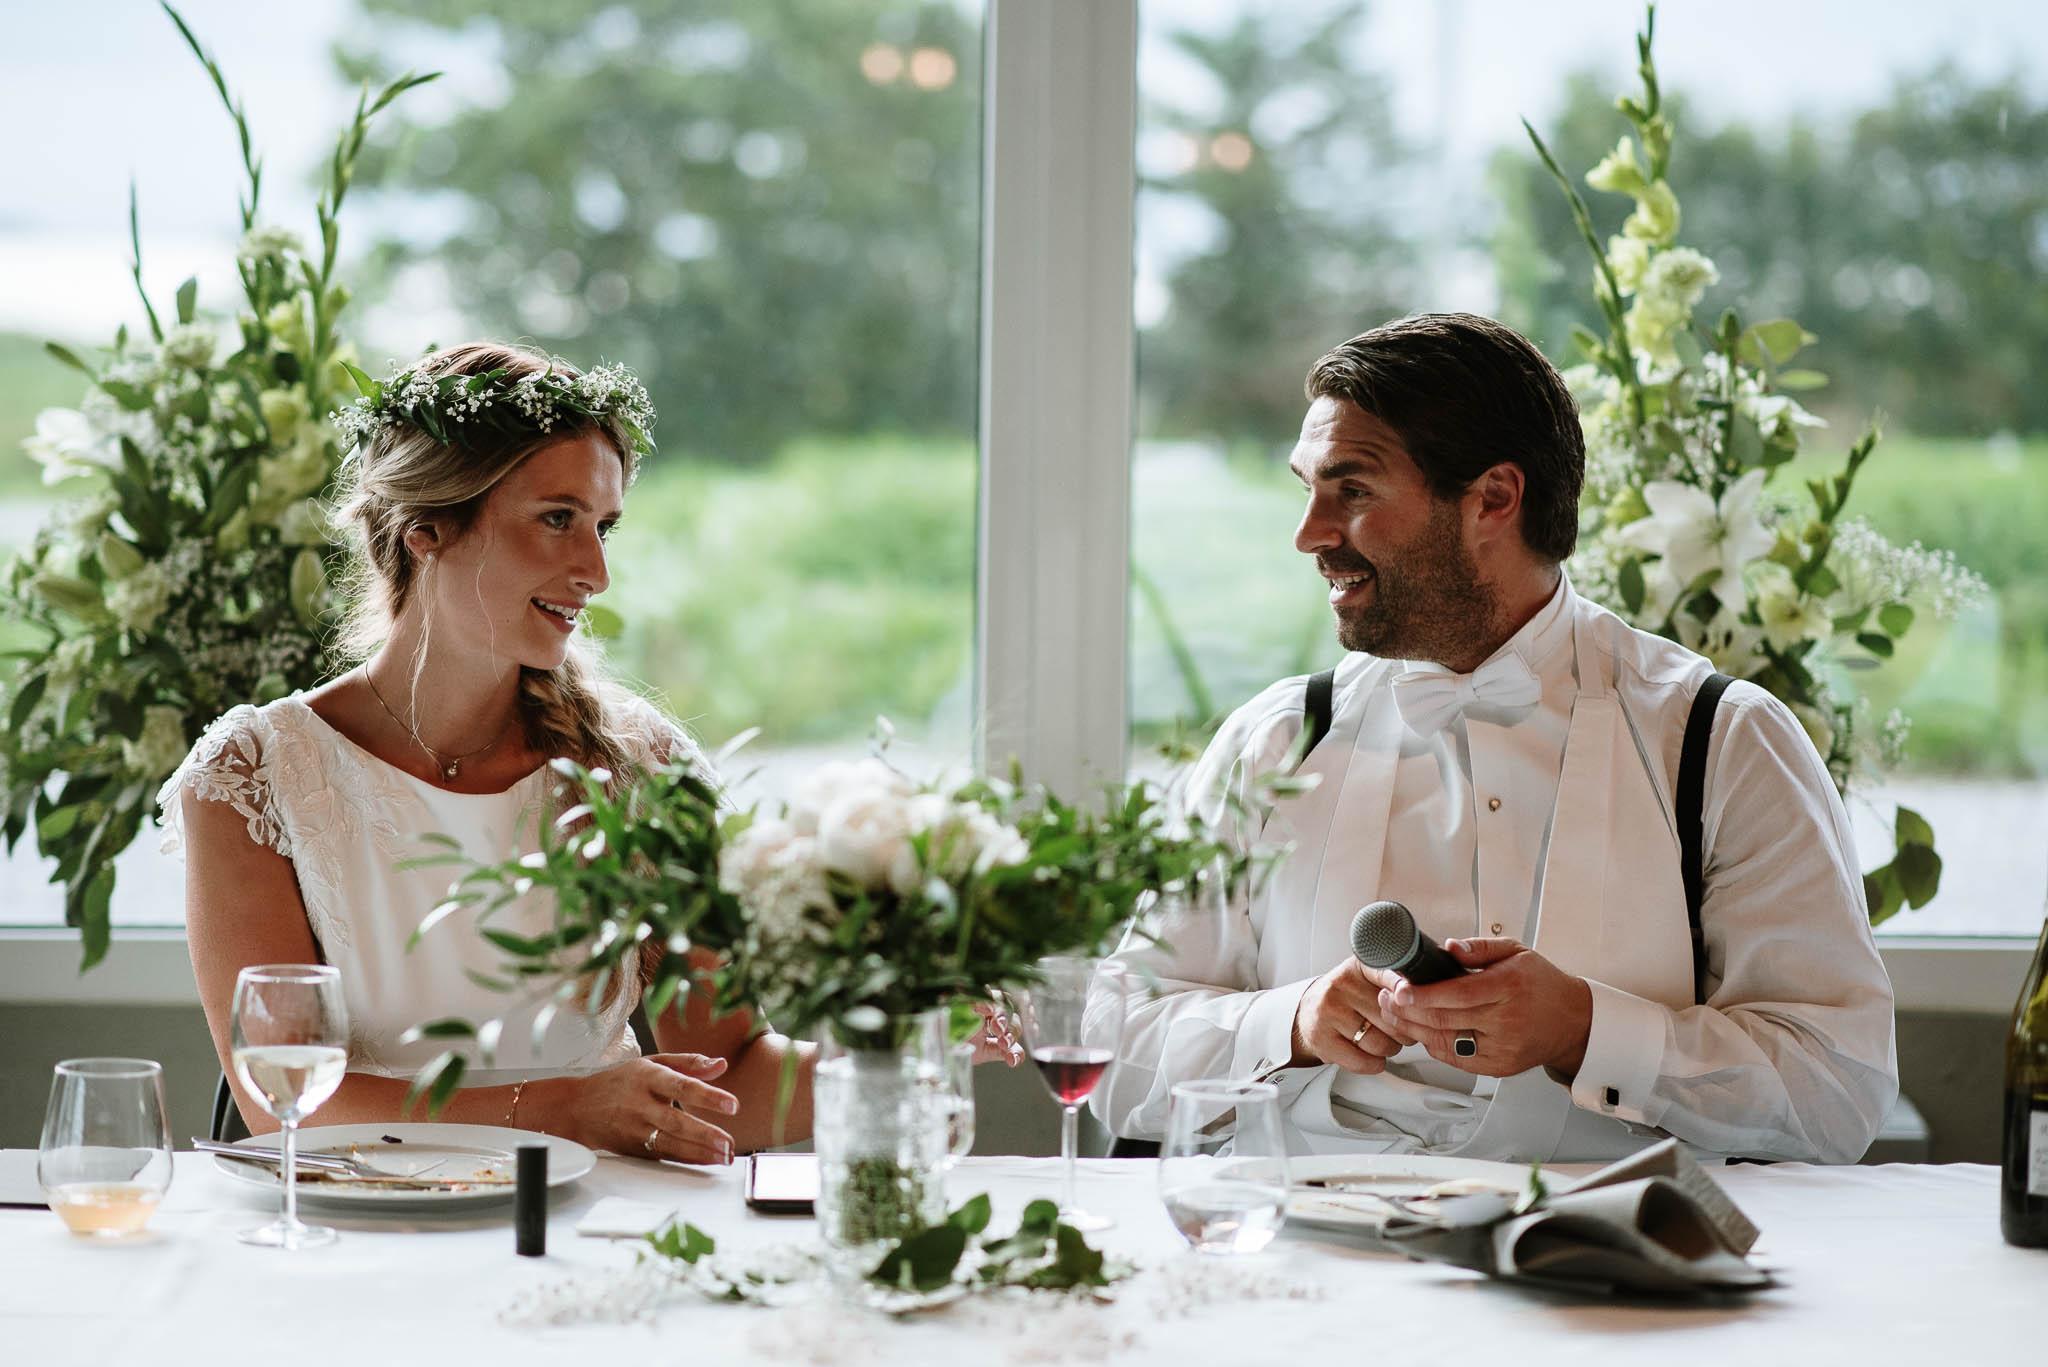 Bryllupsfotograf i Drammen - bryllup i Ålesund - Øygardshallen bryllup-93.jpg